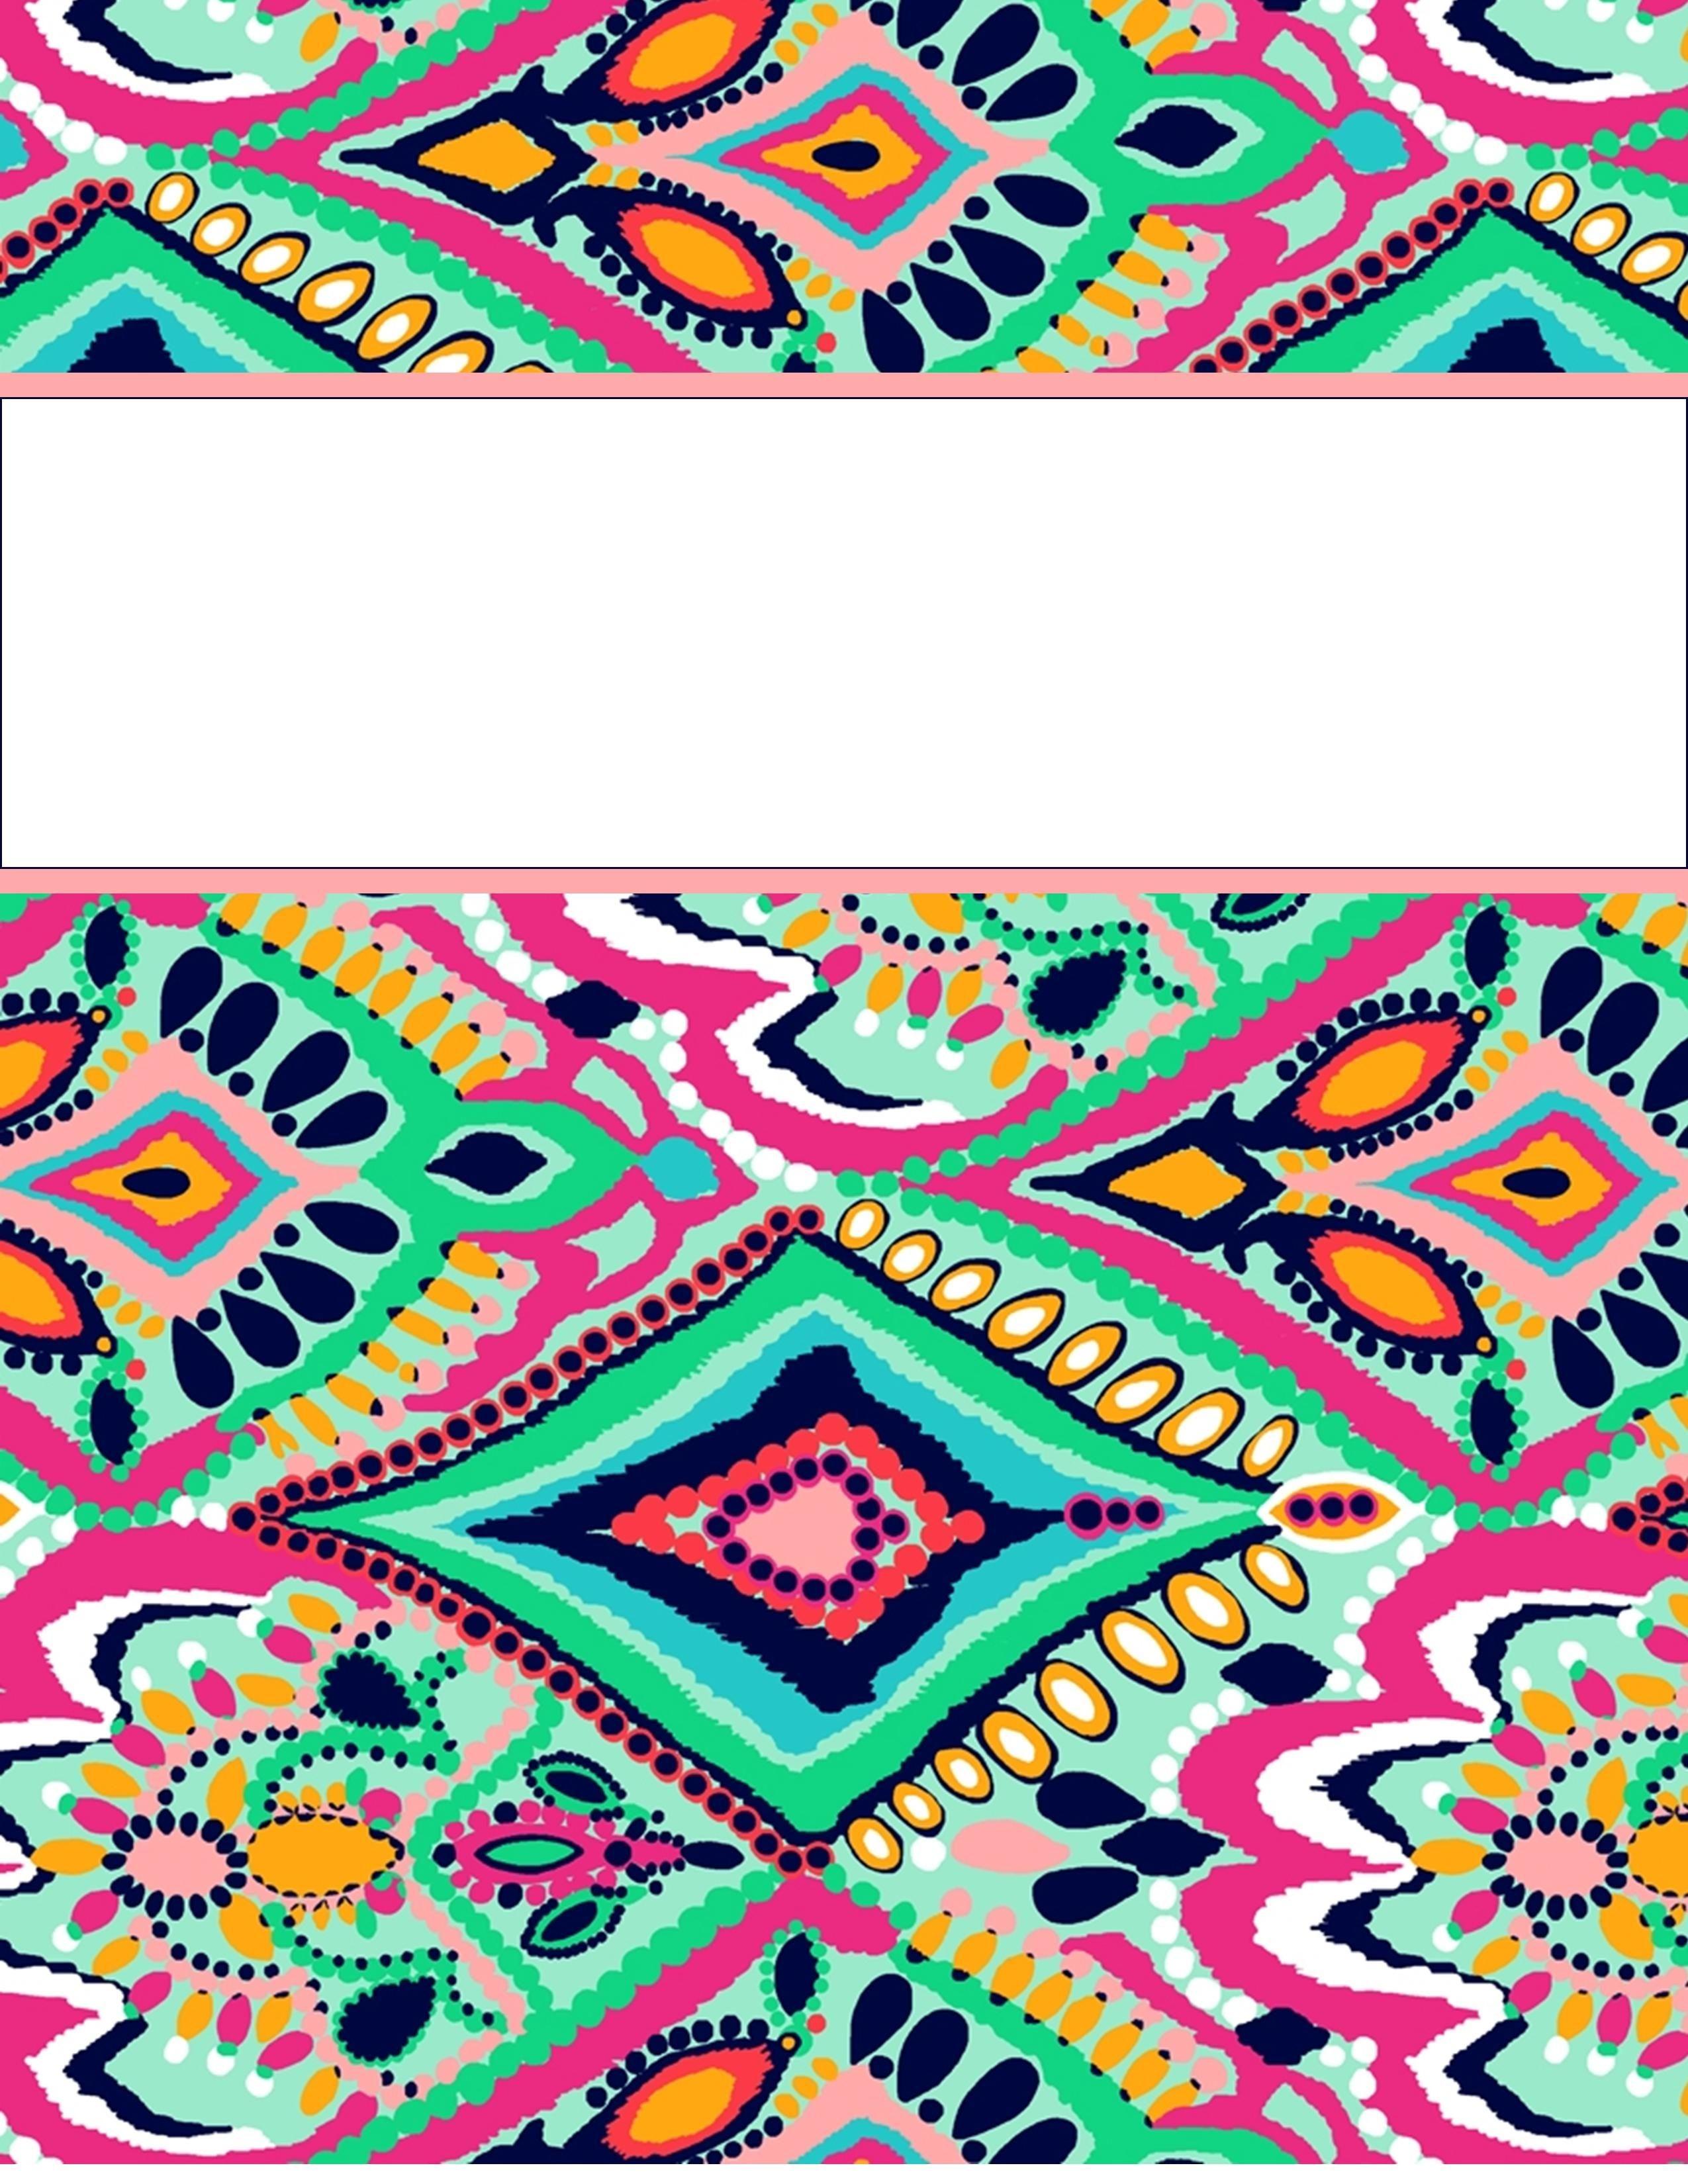 My Cute Binder Covers   Nursing School   Cute Binder Covers, Binder - Free Printable School Binder Covers